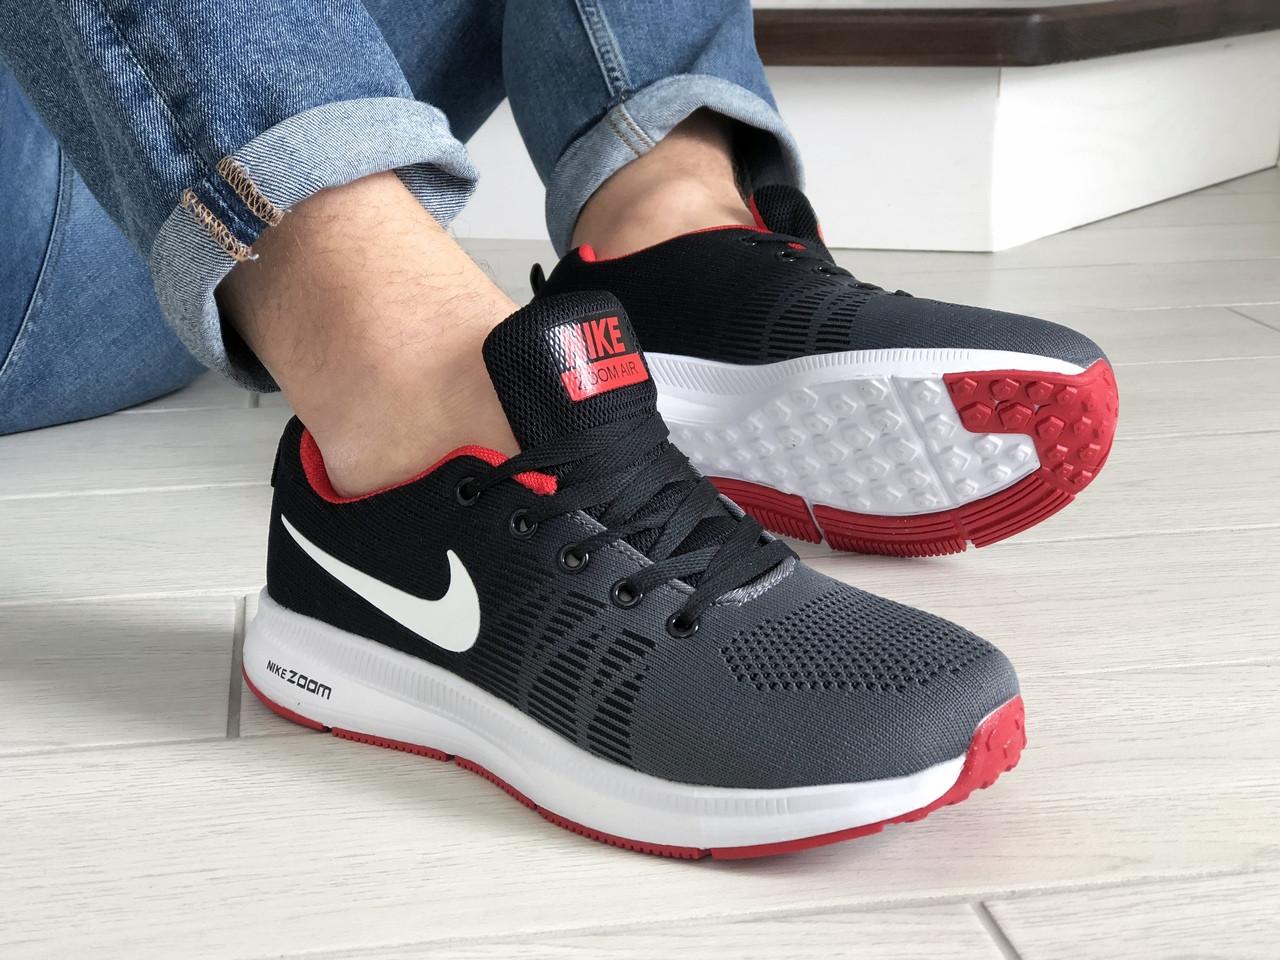 Мужские кроссовки Nike ZOOM (серо-белые с красным) 9246